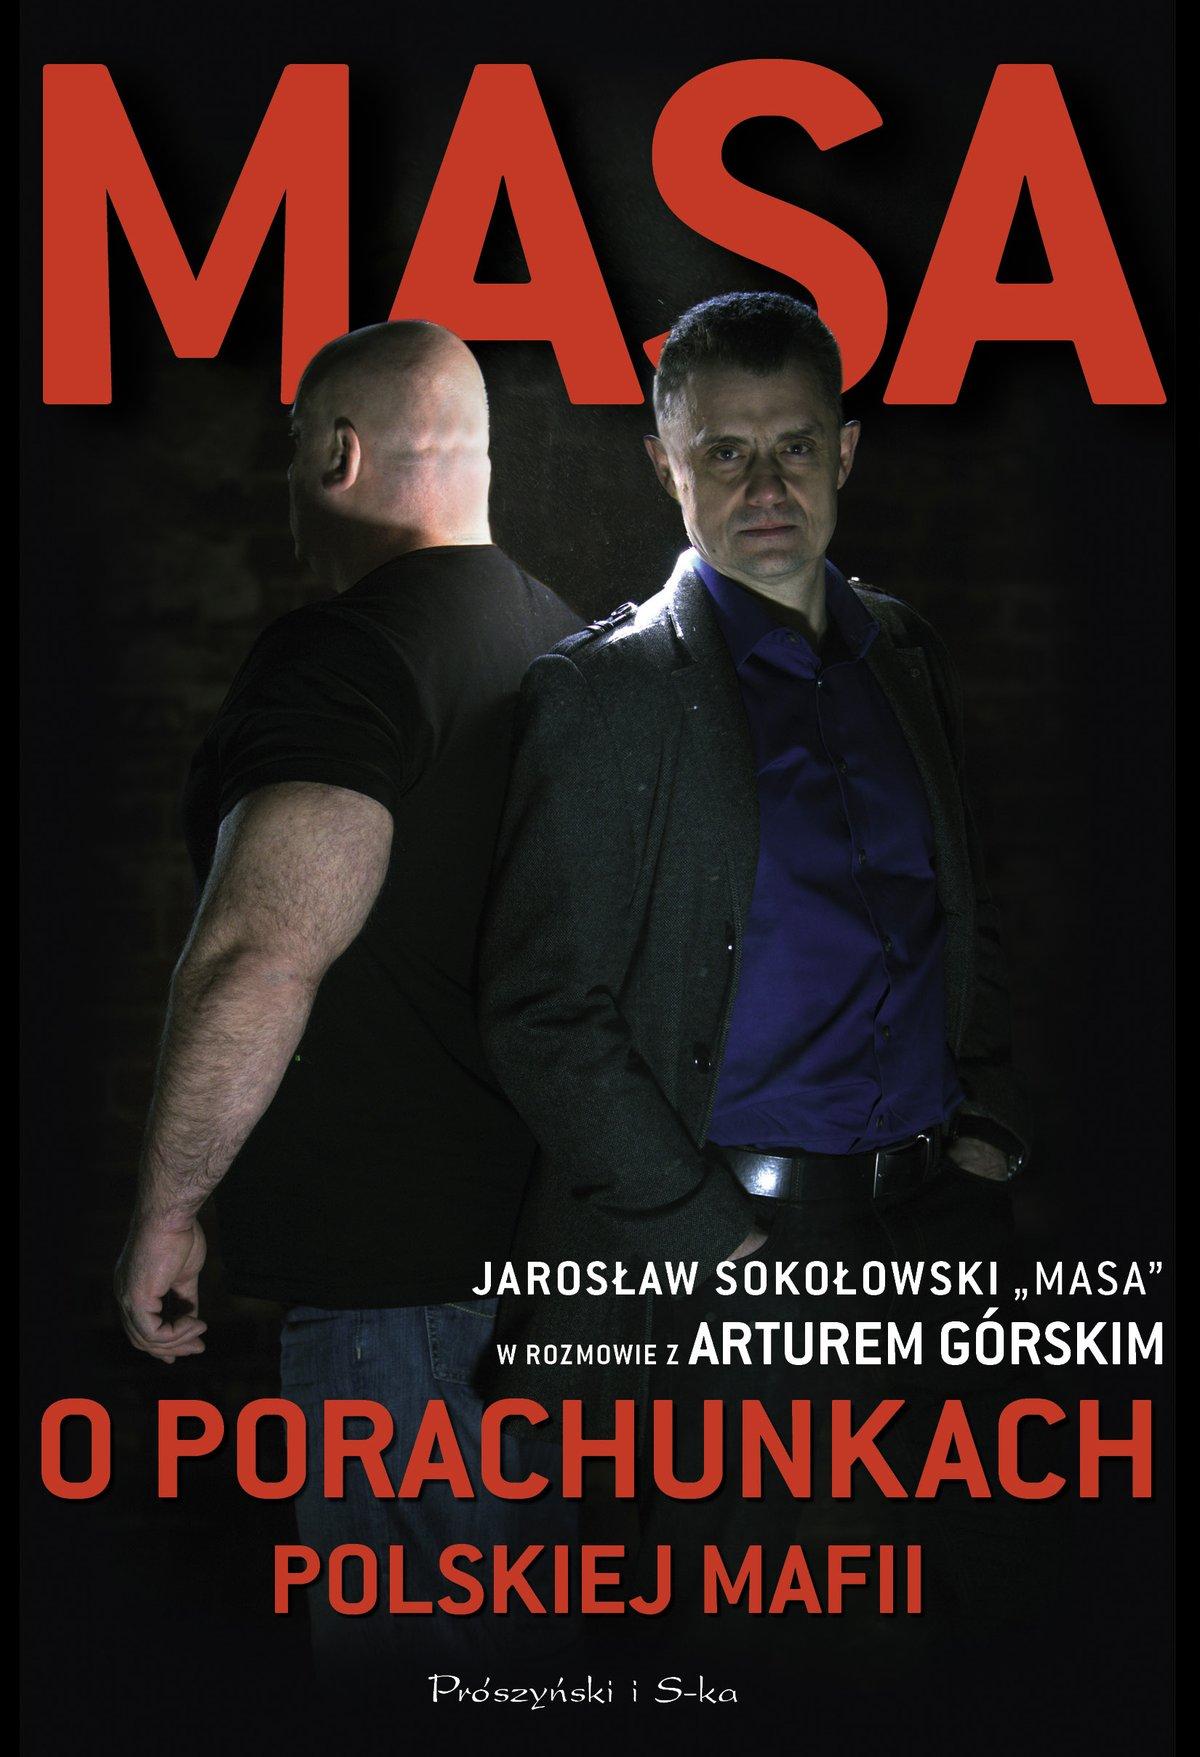 Masa o porachunkach polskiej mafii - Ebook (Książka EPUB) do pobrania w formacie EPUB